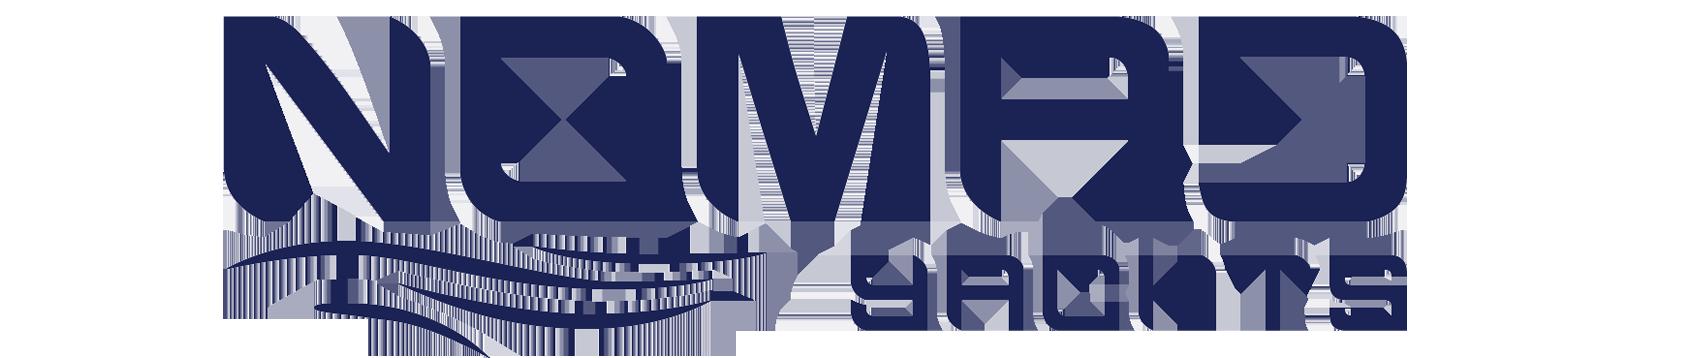 Nomad-Yachts-Logo